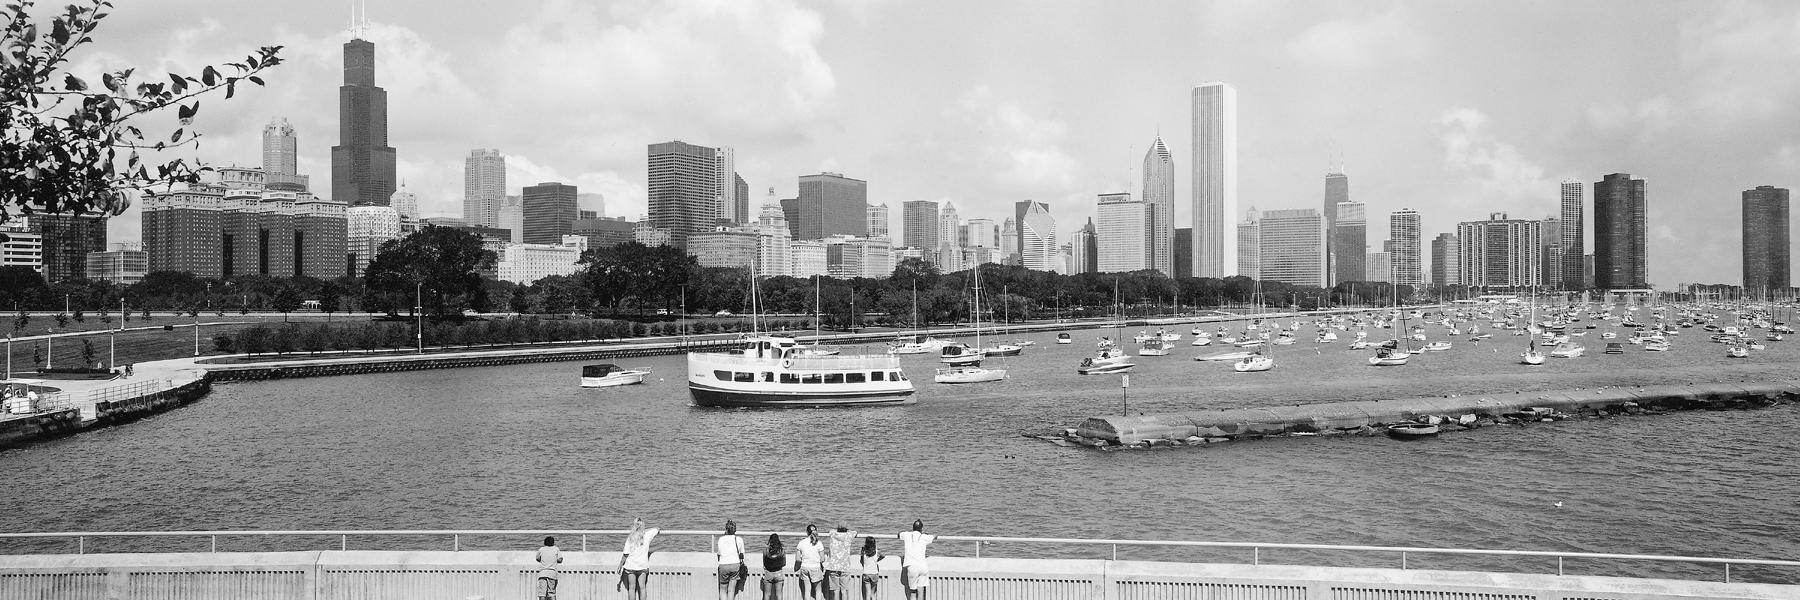 Chicago Panoramas Wallpaper Black White Lakefront Panorama